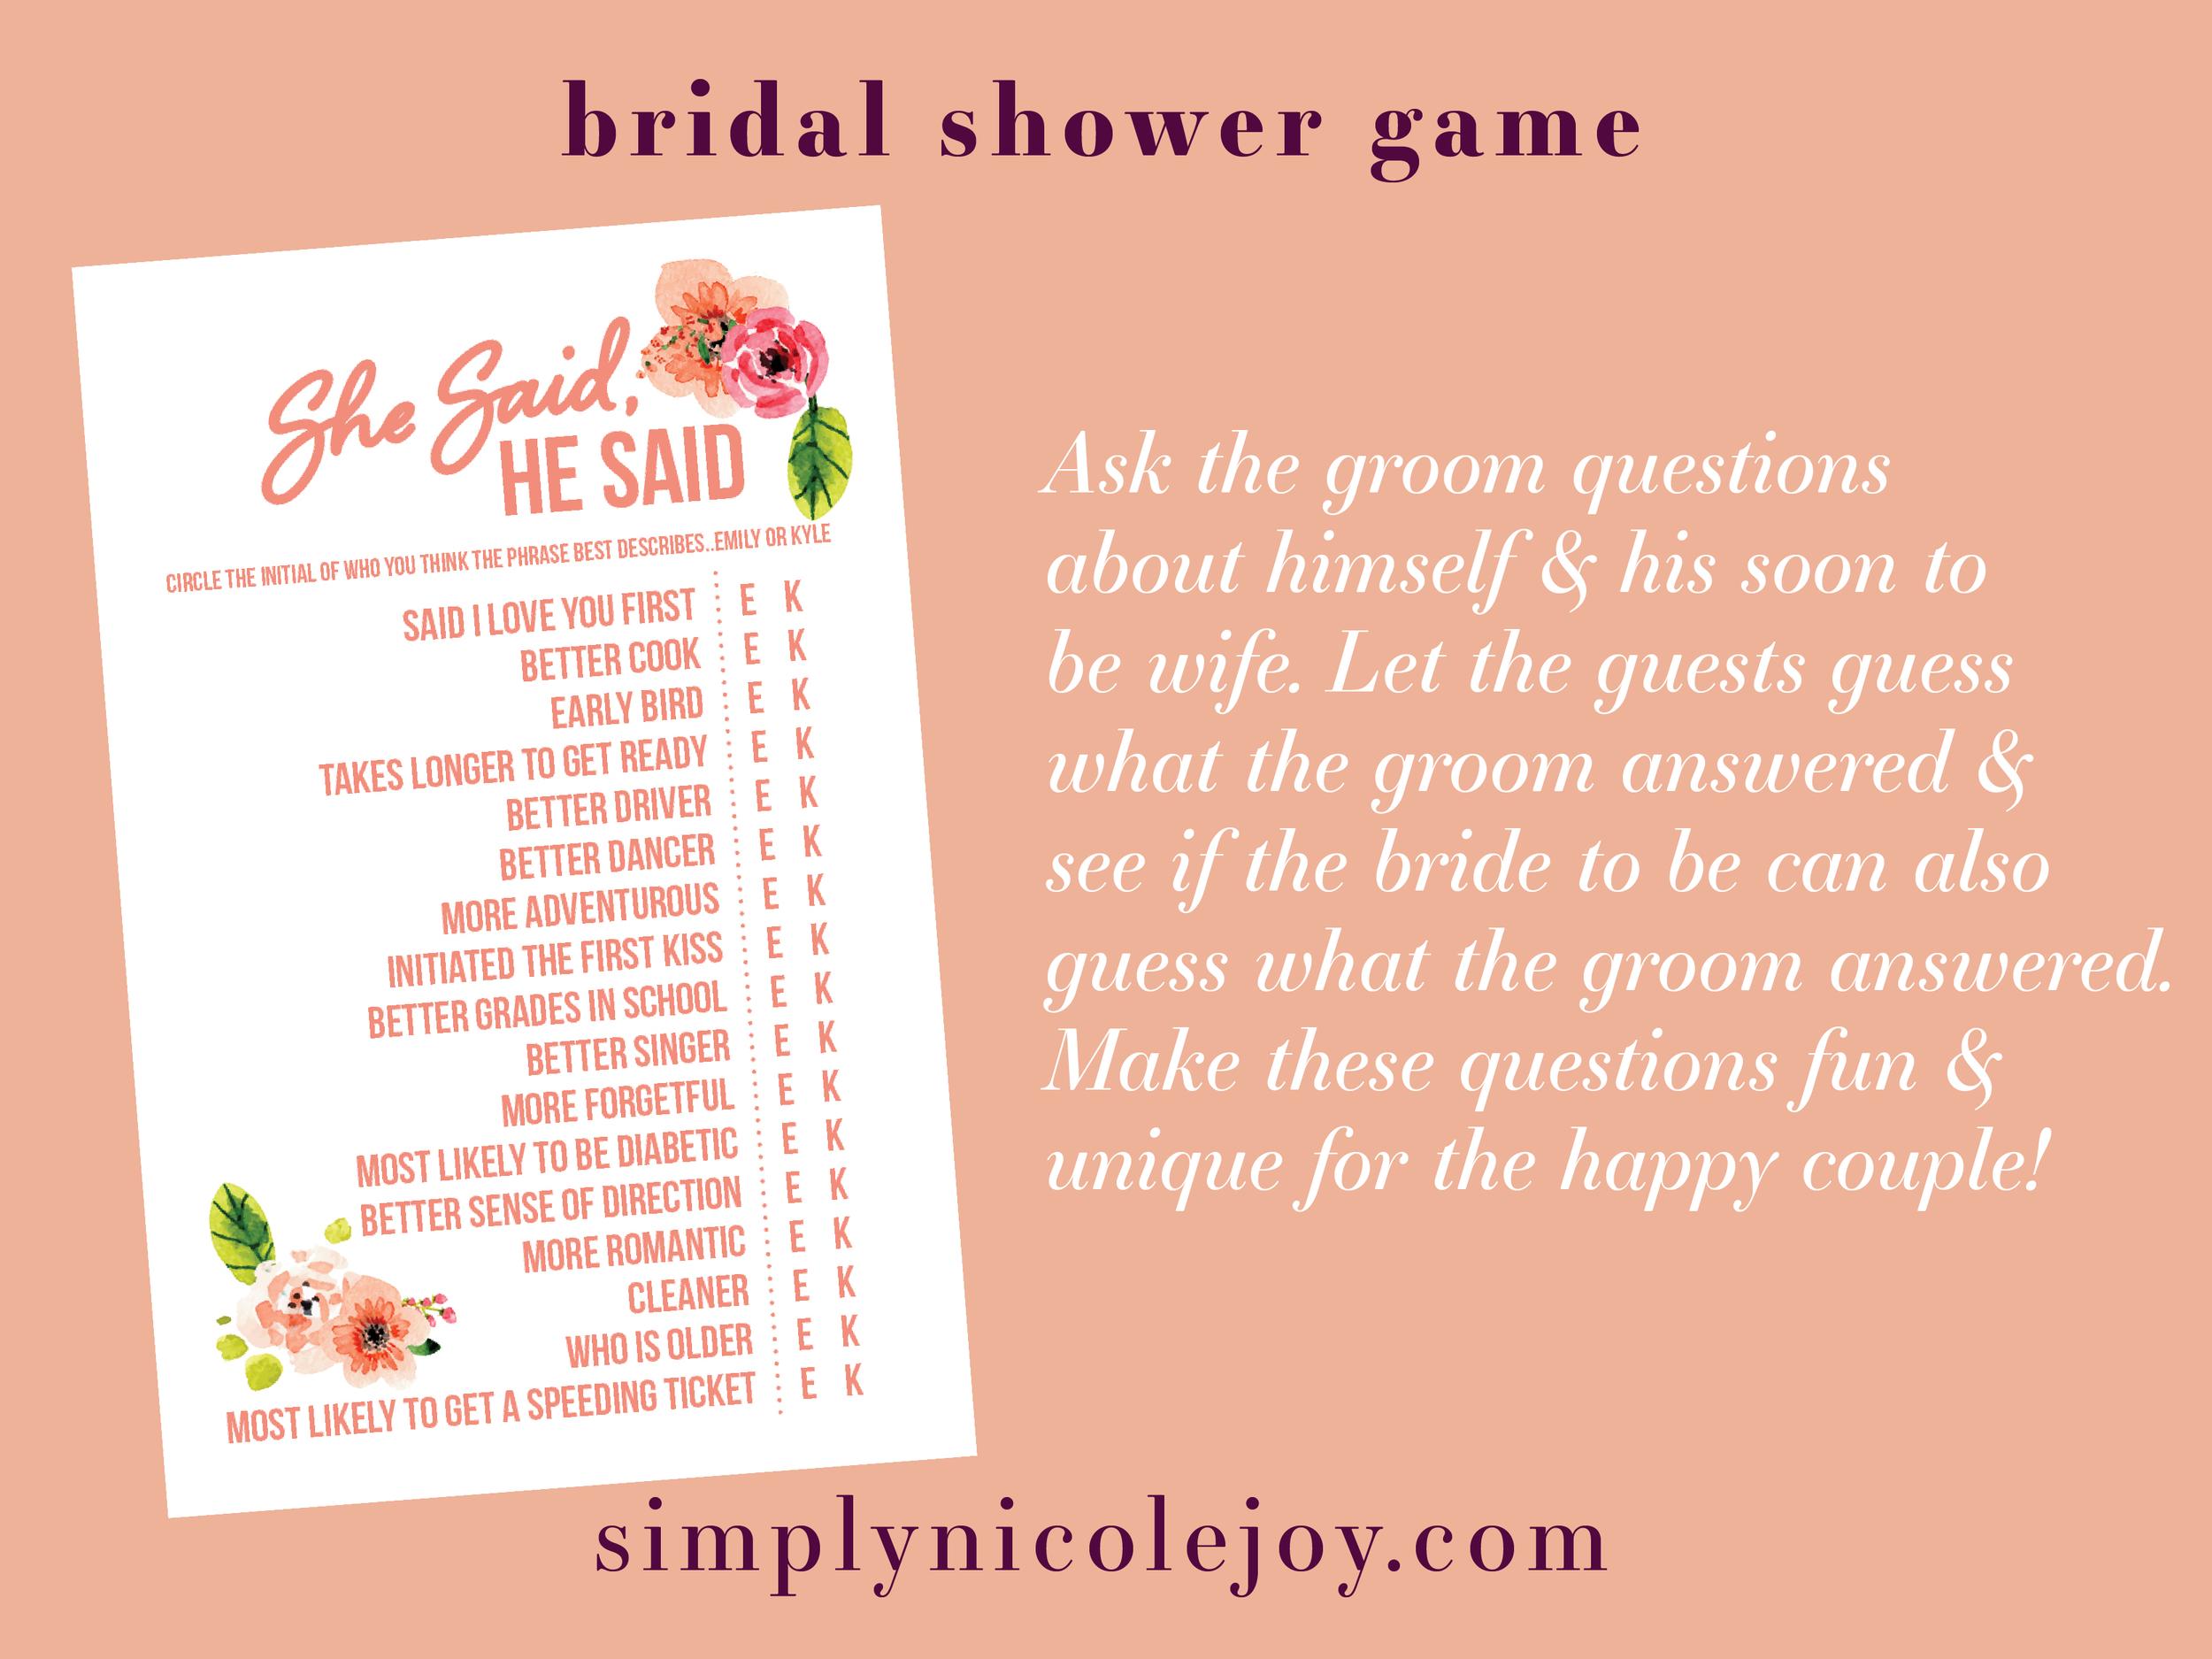 SHOWER_BRIDAL GAME 2